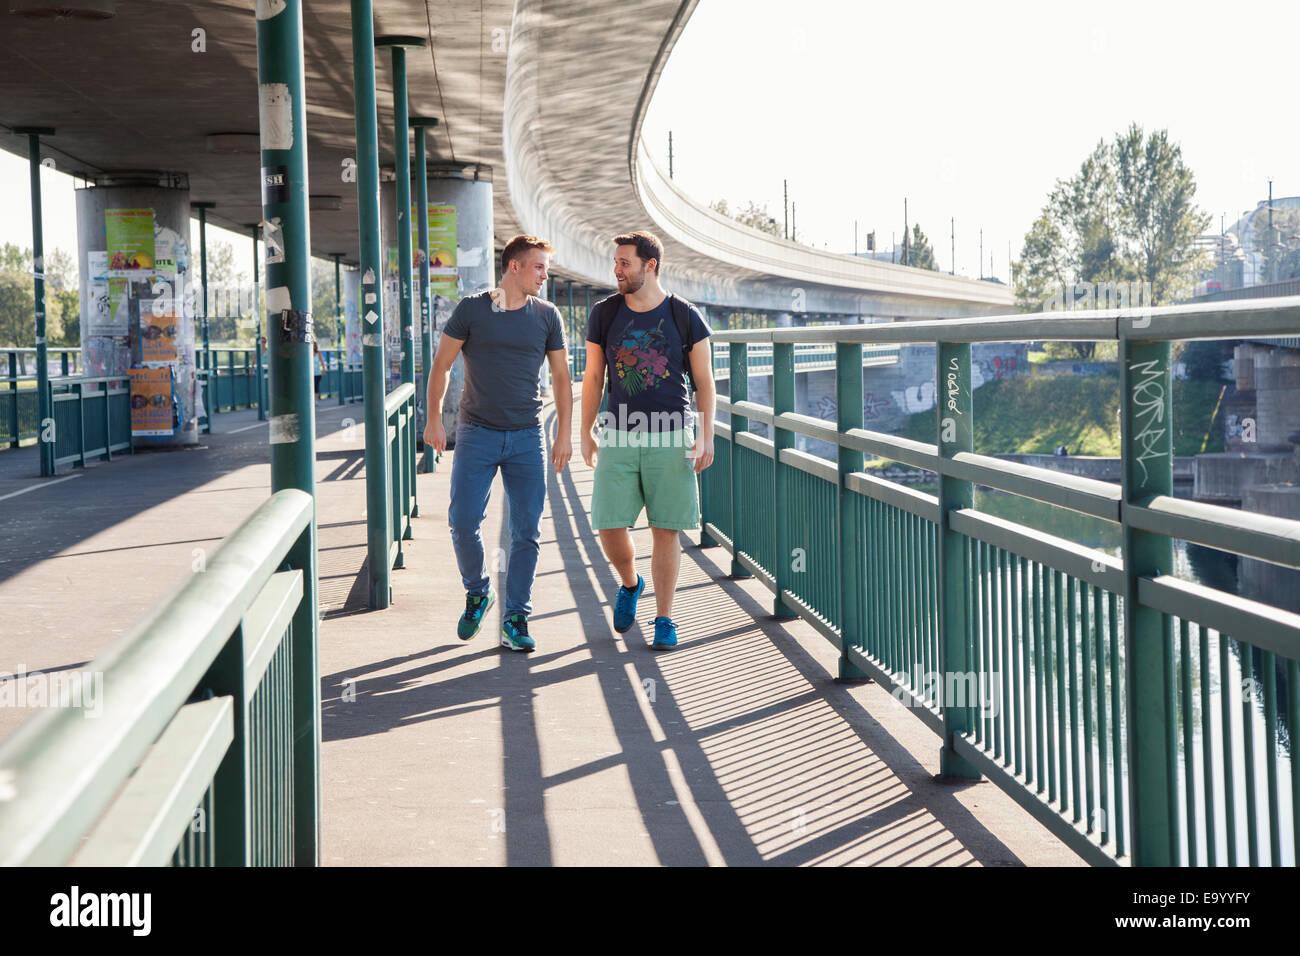 Zwei junge Männer im Chat, wie sie über die Brücke Fuß Stockbild